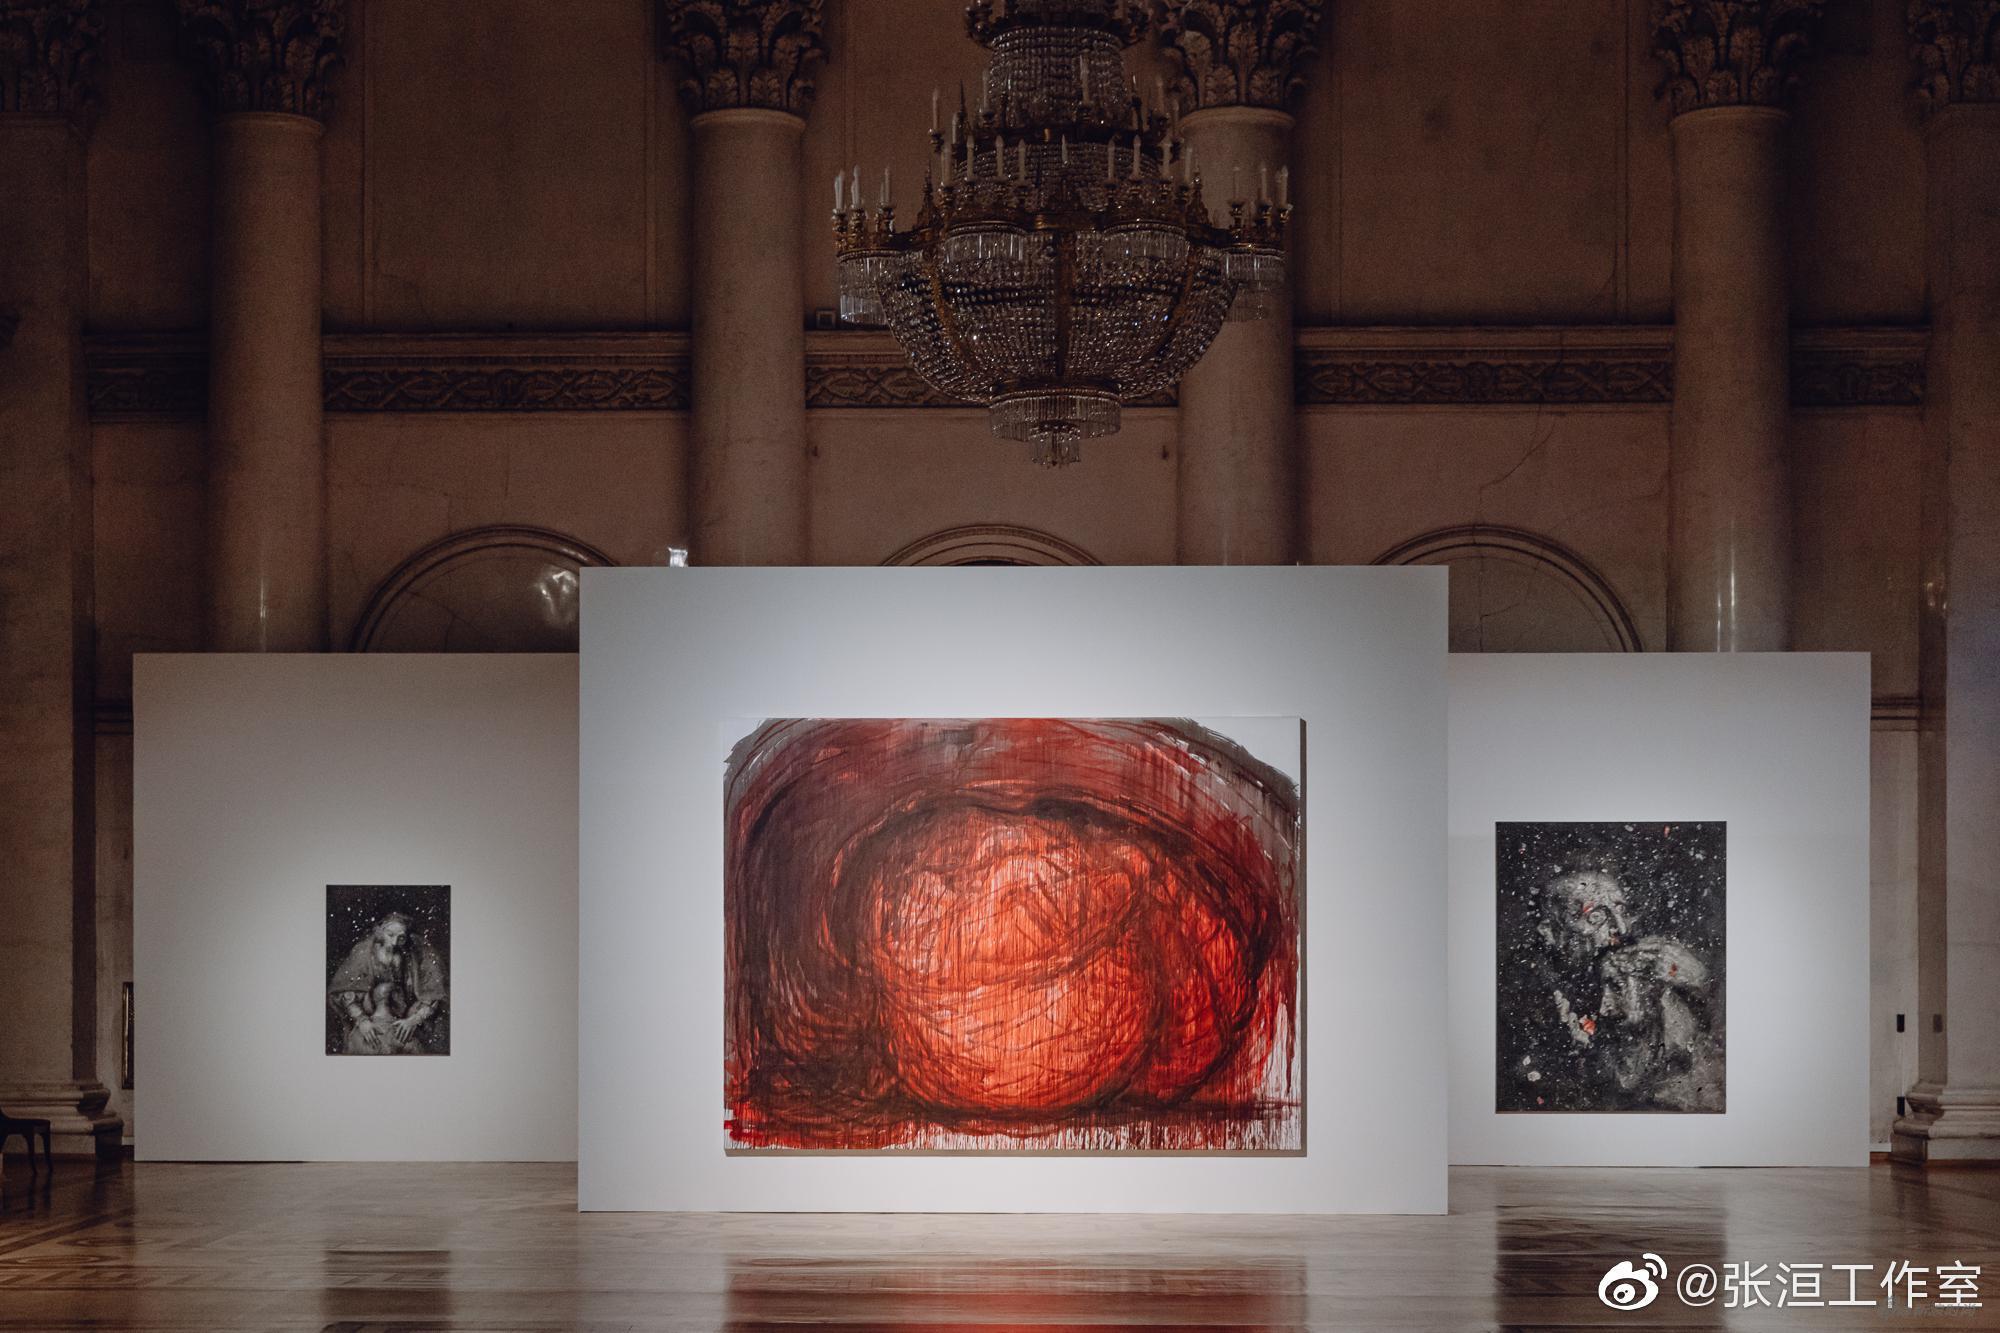 图片由@藝術門画廊PearlLamGalleries 和@张洹工作室 提供 ,摄影 | Alexander Murashkin